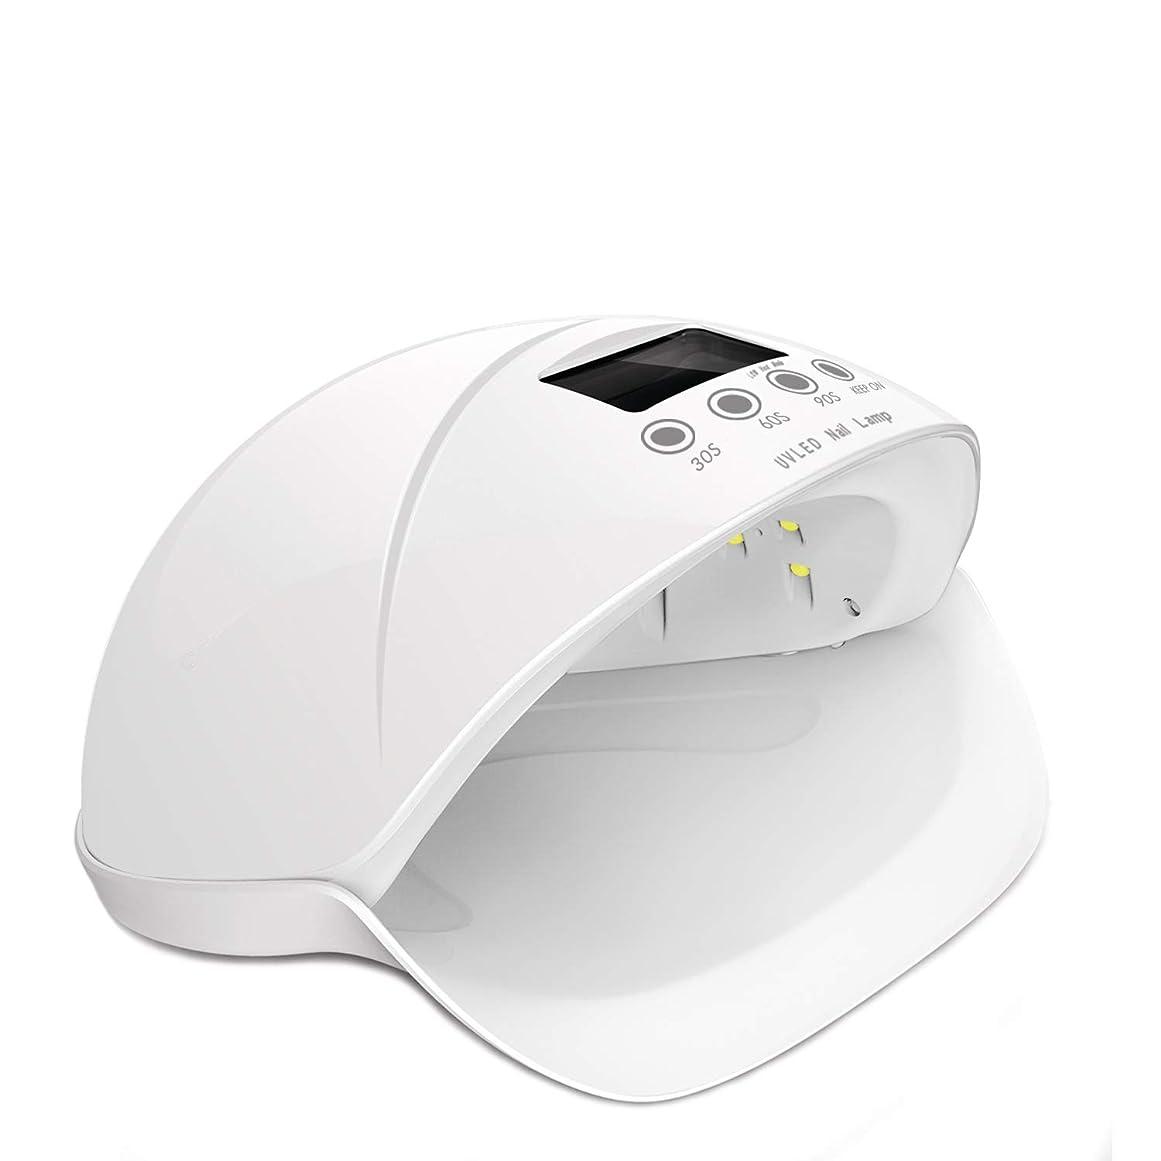 責任封建遅いKABB ジェルネイルLEDライト ハイパワー 50W 赤外線 ホワイトニング ネイル オイル 速乾 三種類タイマー 設定可能 ネイルドライヤー マニキュア用 手 足 両用 UV LED ダブル 光源 搭載 UVライト ネイル